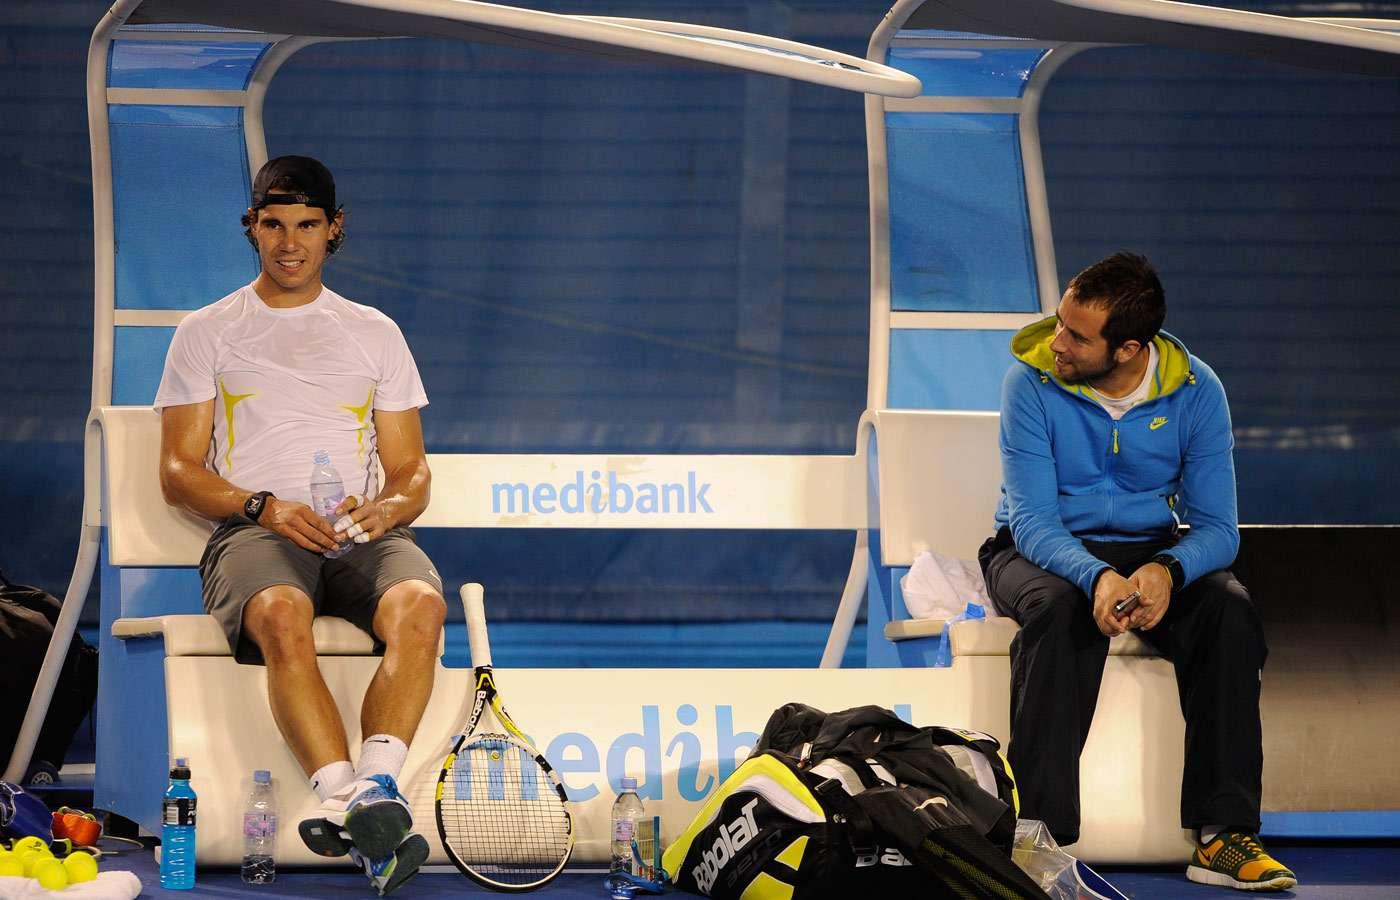 Rafaholics.com: AO: Rafa Nadal Training Photos HQ